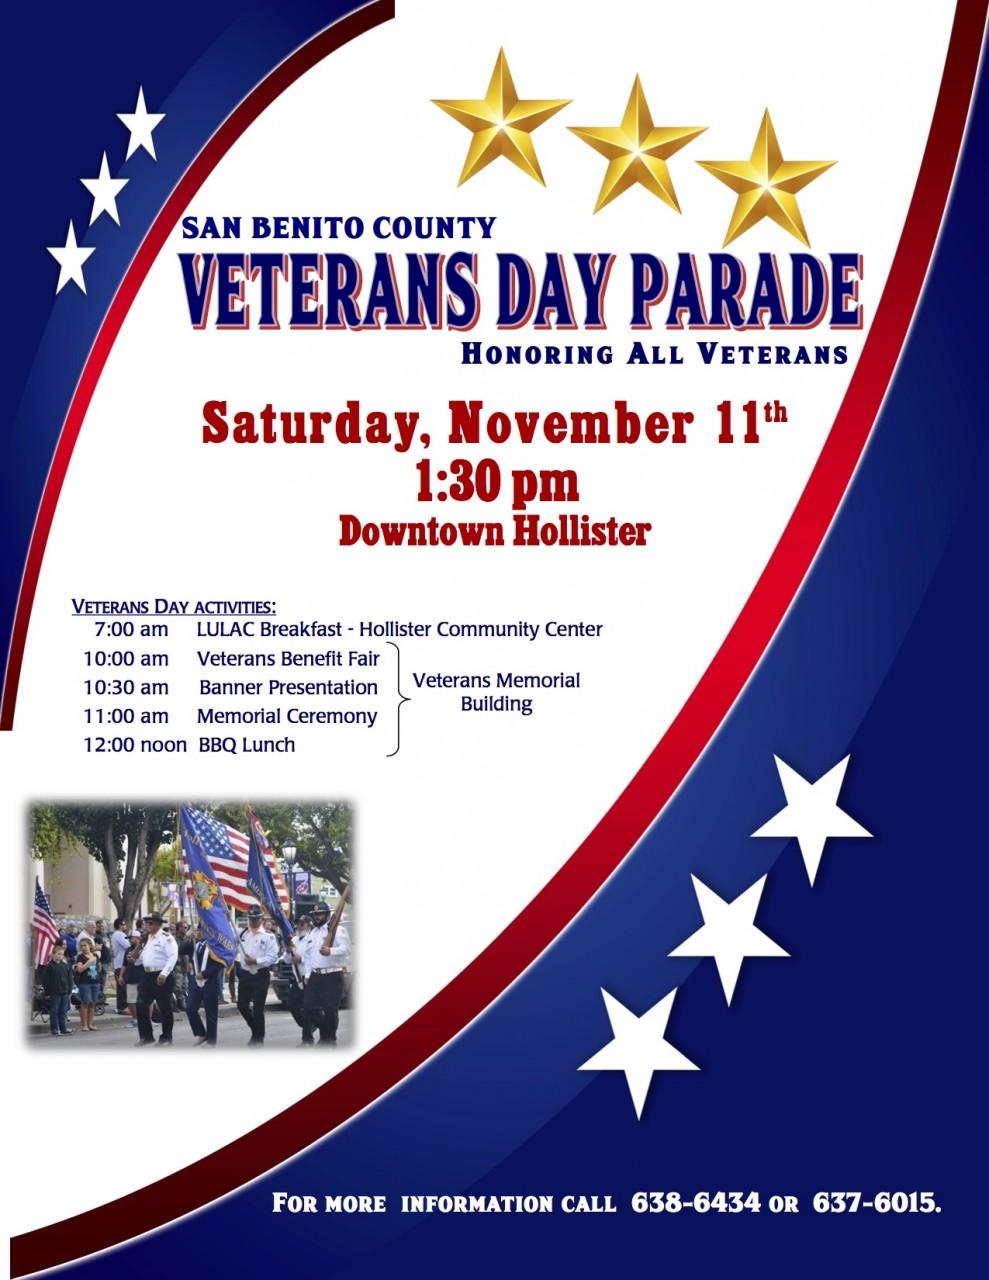 Veterans Day Parade Flyer 2017.jpg